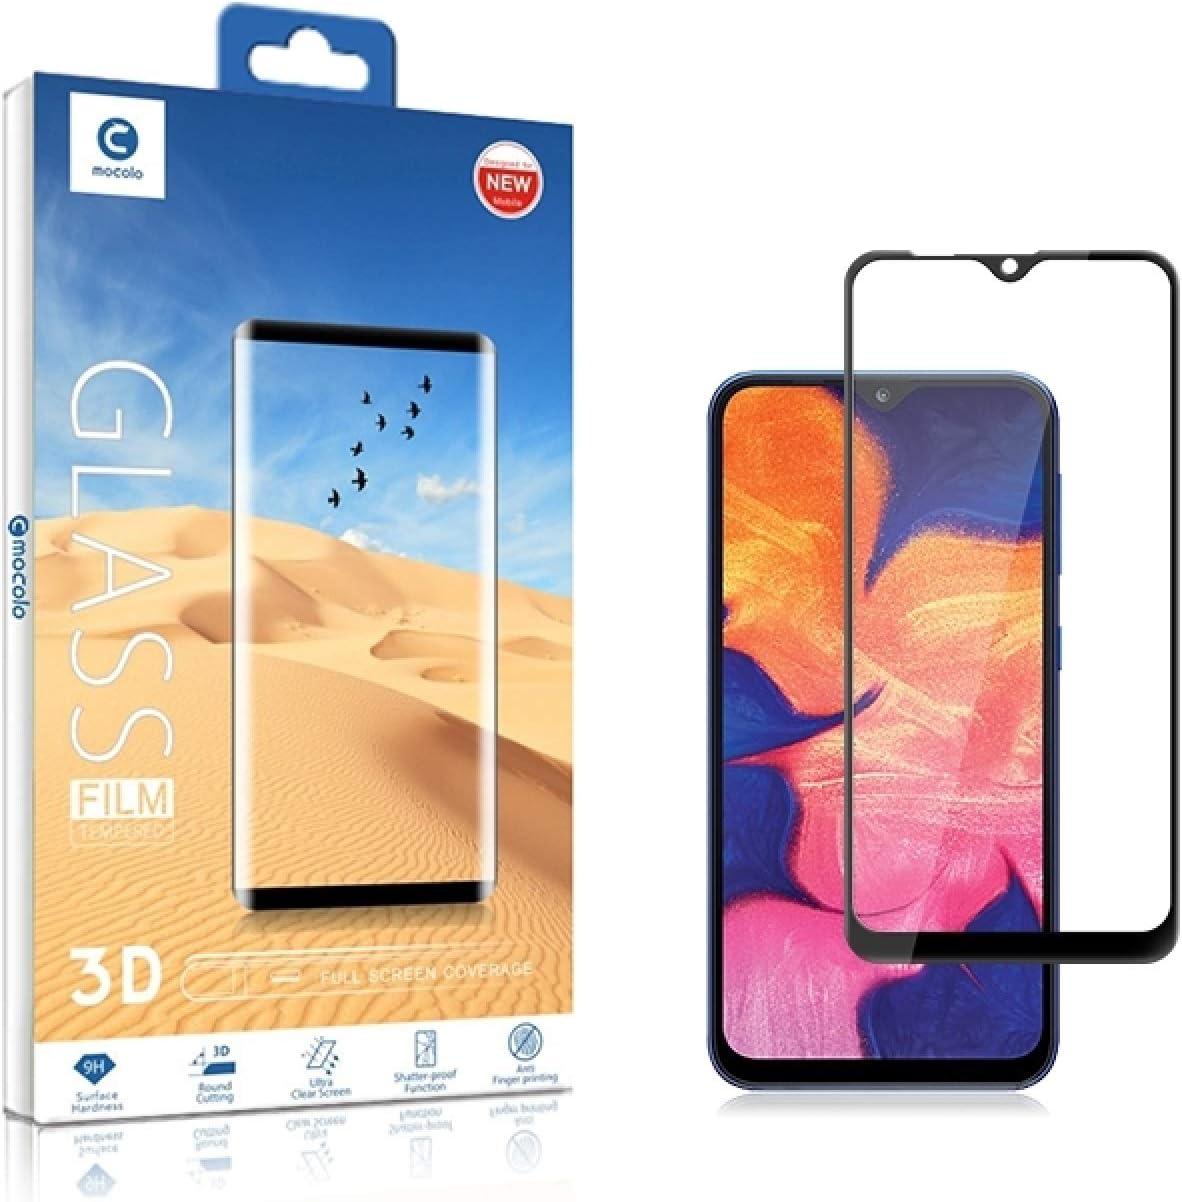 Eryanone Mobile Phone Screen Protectors Max 63% OFF 9H 3D 0.33mm Full Covera Daily bargain sale